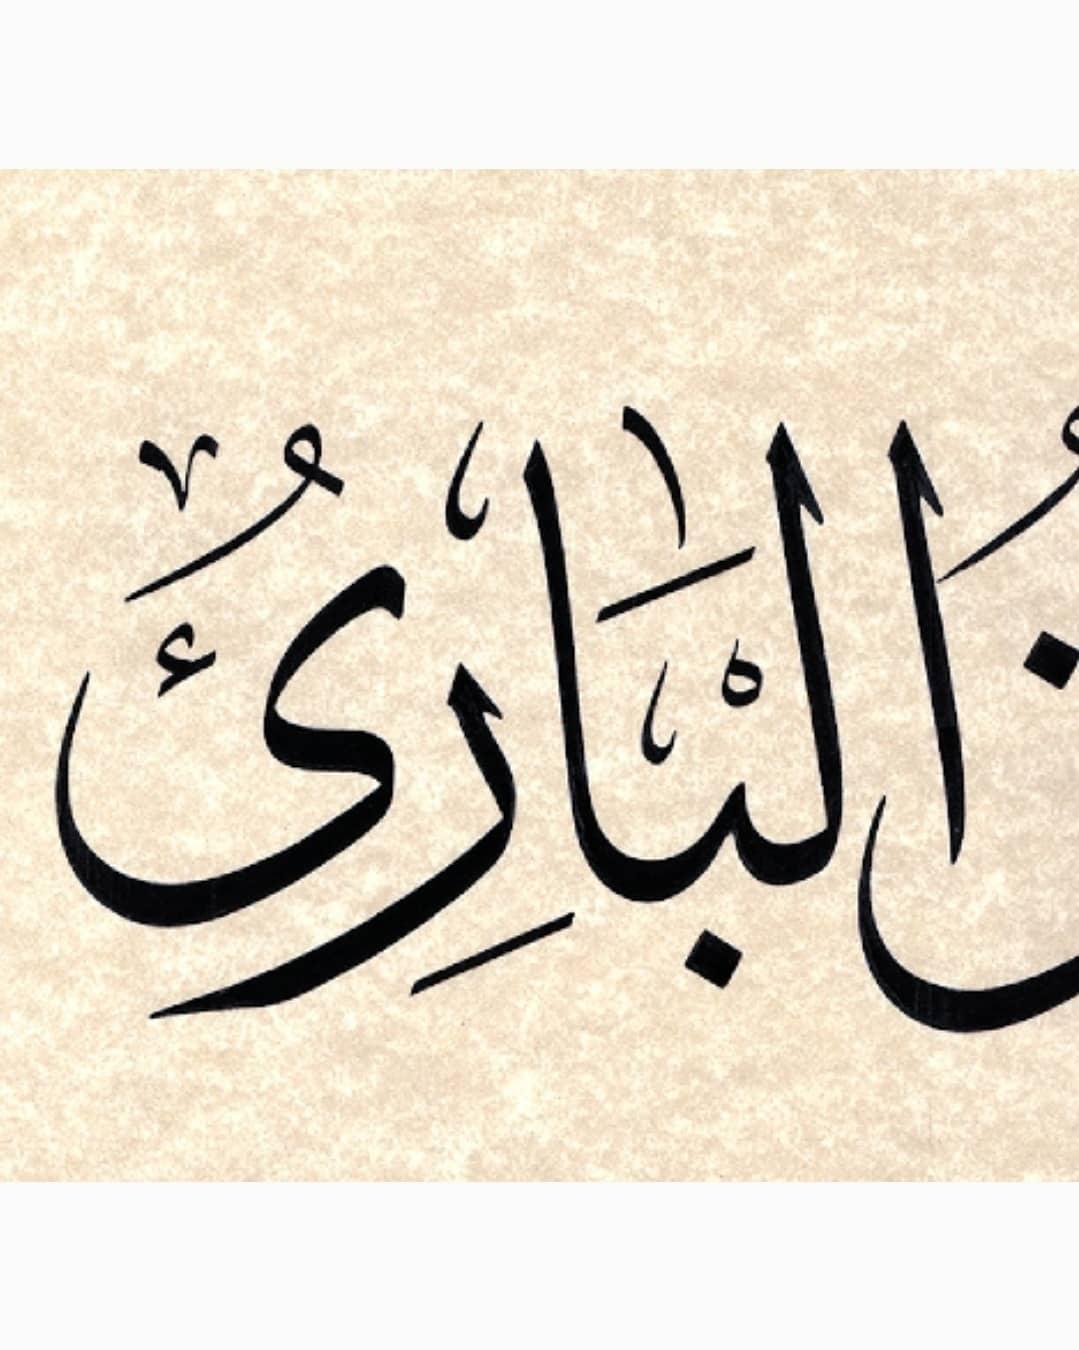 al kattat احمدعلی نمازی  .....5mm ... .....Haşr suresi 20-24...... .70×100cm . . . . . . . . . .#islamic... 672 9